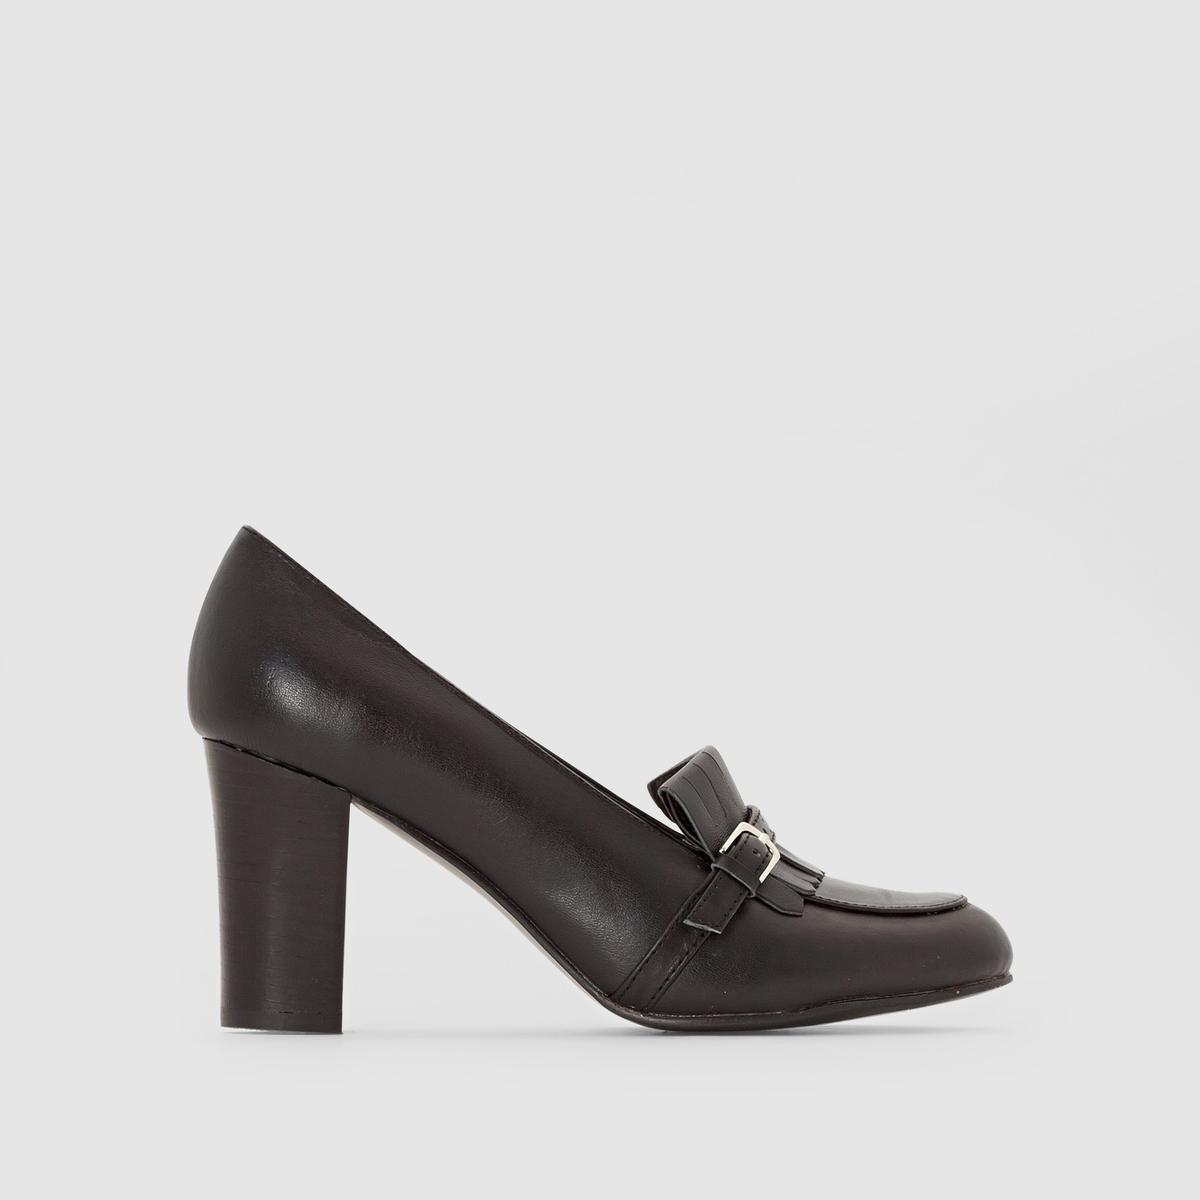 Мокасины кожаныеДетали  •  Мокасины •  Высота каблука : 8 см •  Застежка : без застежки •  Круглый мысок •  Гладкая отделкаСостав и уход  •  Верх 100% кожа •  Подкладка 100% кожа •  Стелька 100% кожа<br><br>Цвет: черный<br>Размер: 39.37.40.41.38